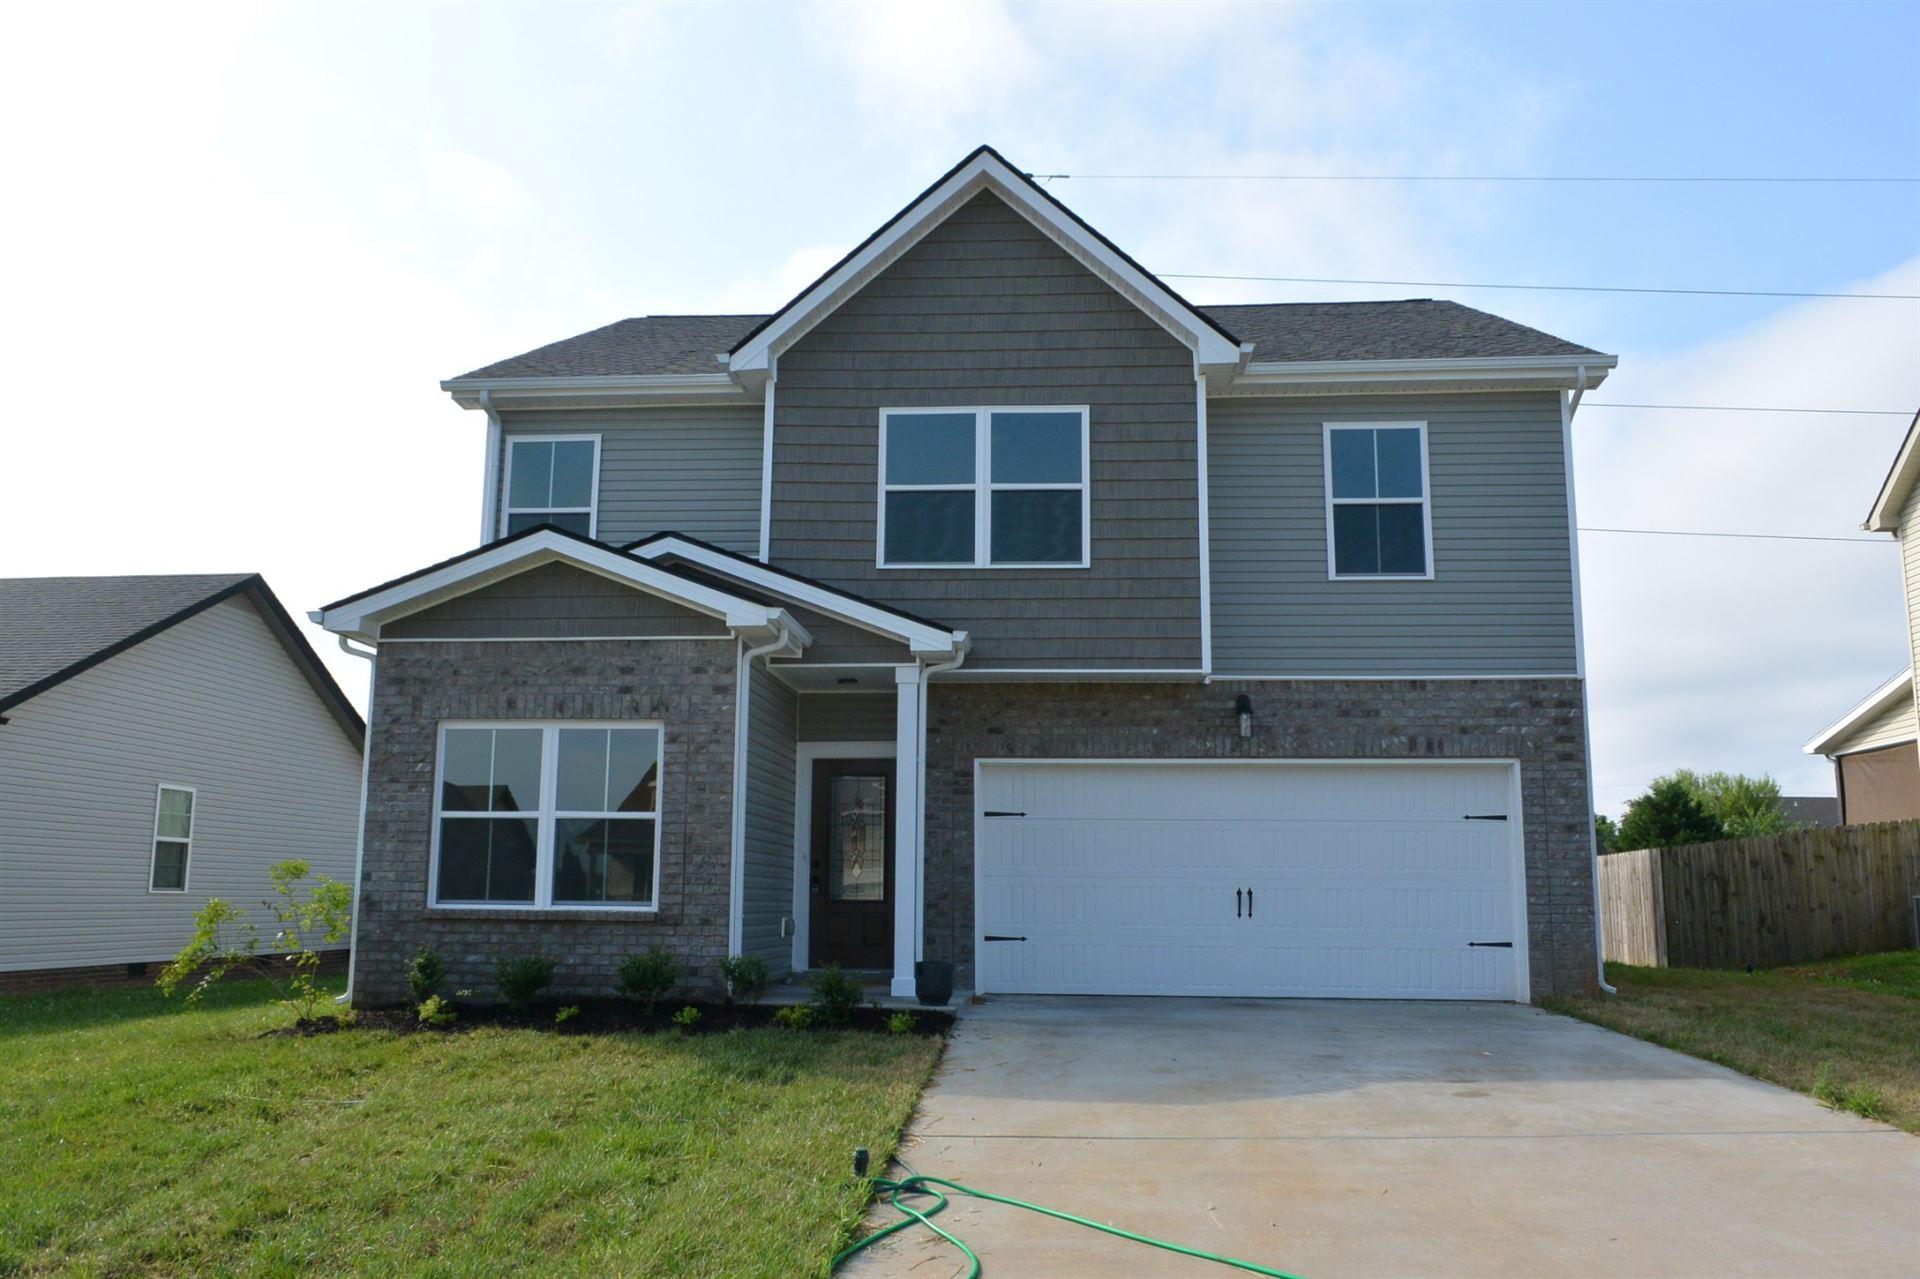 1010 Dwight Eisenhower Way, Clarksville, TN 37042 - MLS#: 2265745